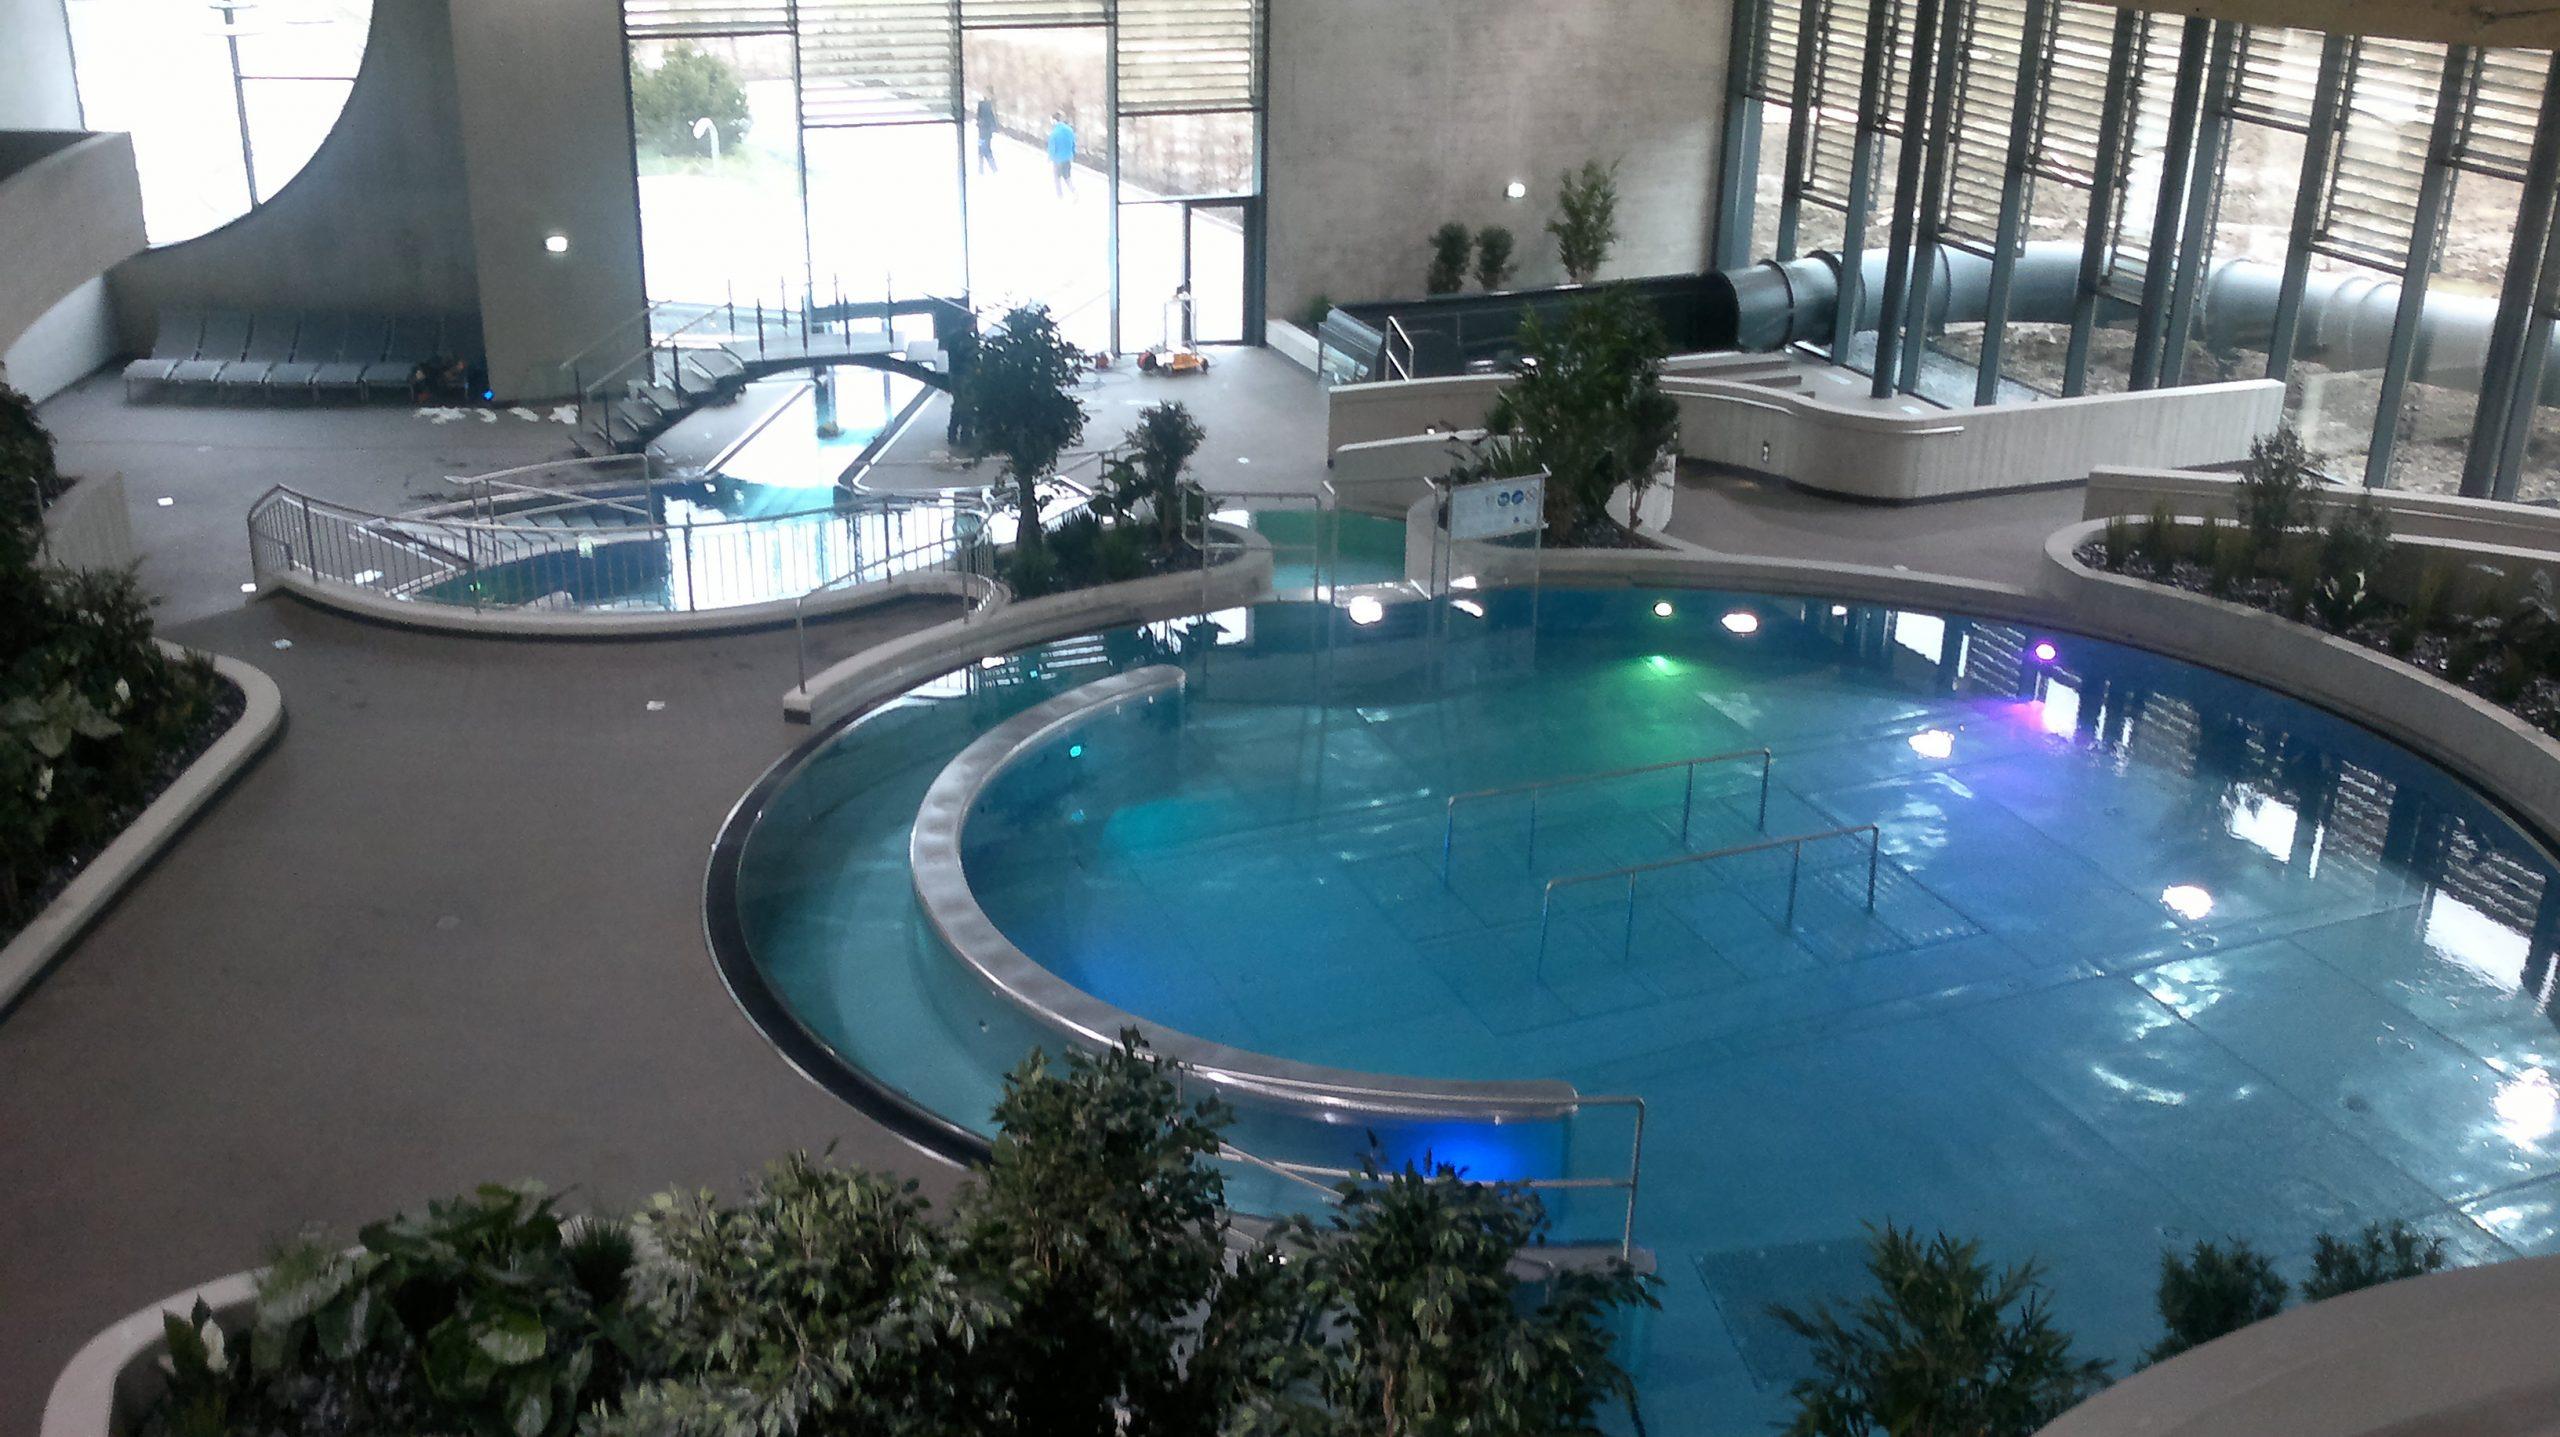 Présentation | Hydroconcept S.a. tout Piscine Differdange